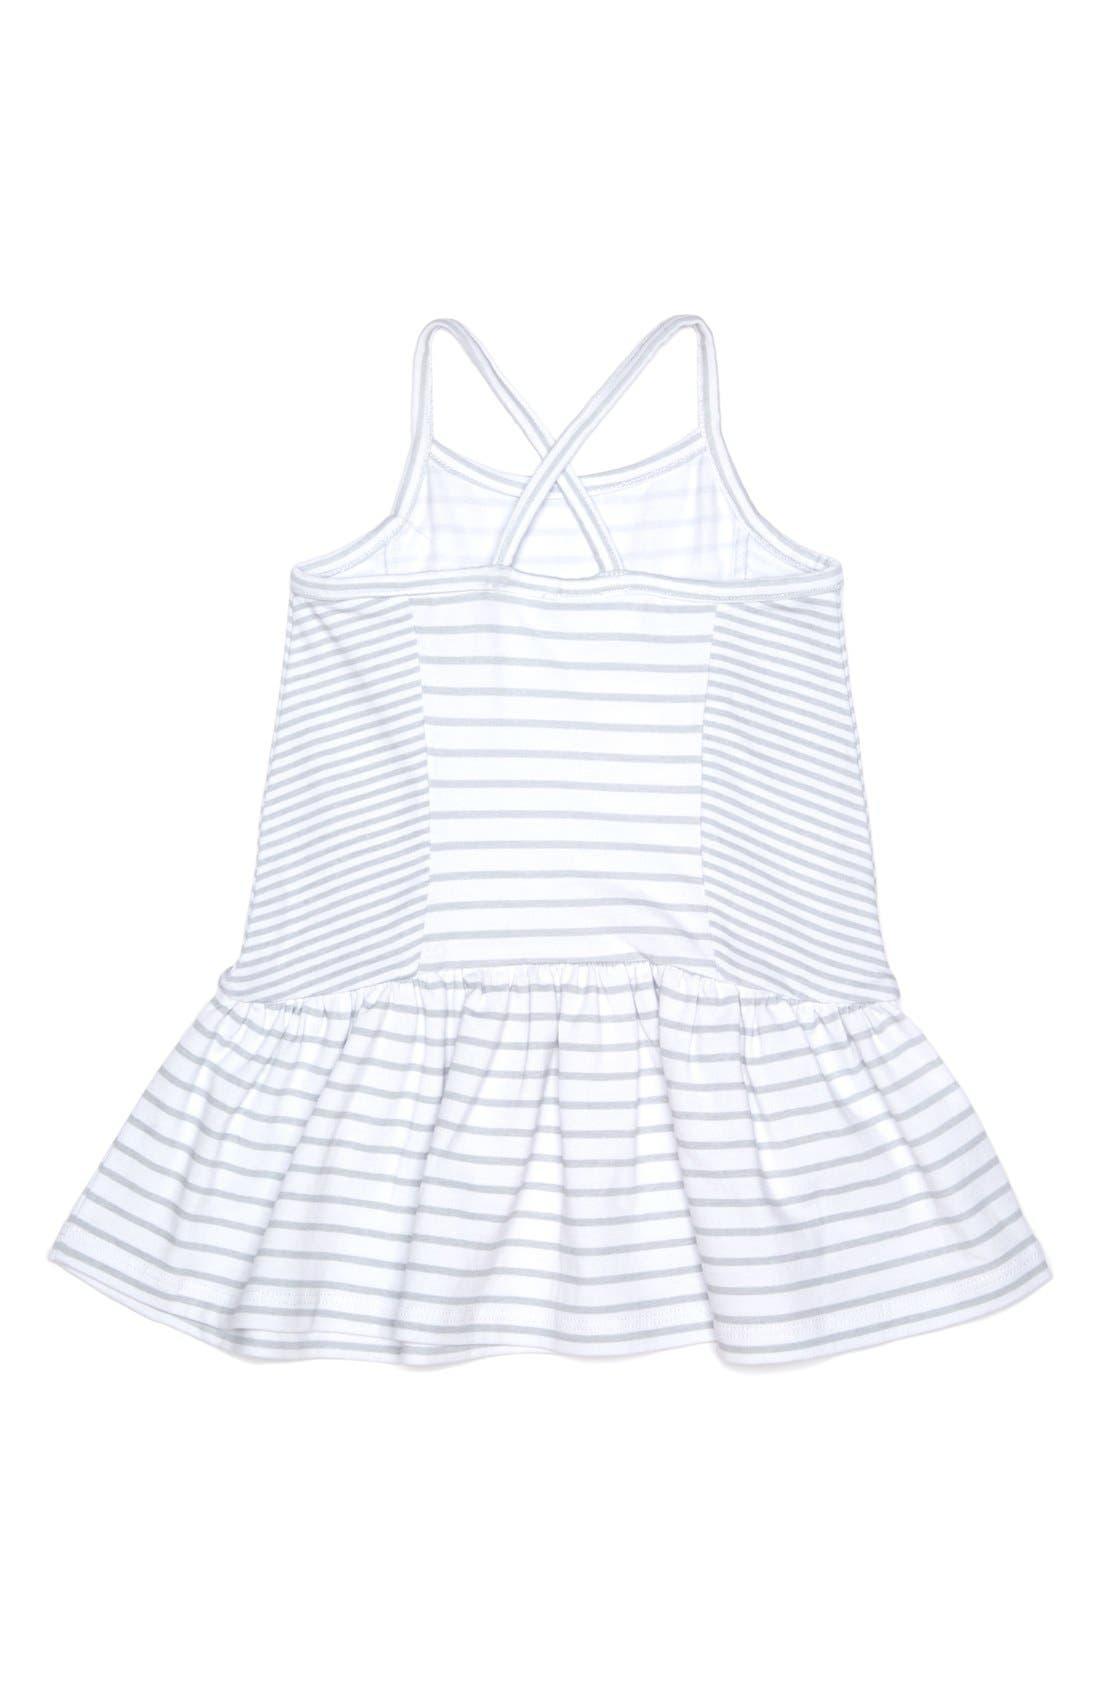 Stripe Sleeveless Dress,                             Alternate thumbnail 2, color,                             White/ Grey